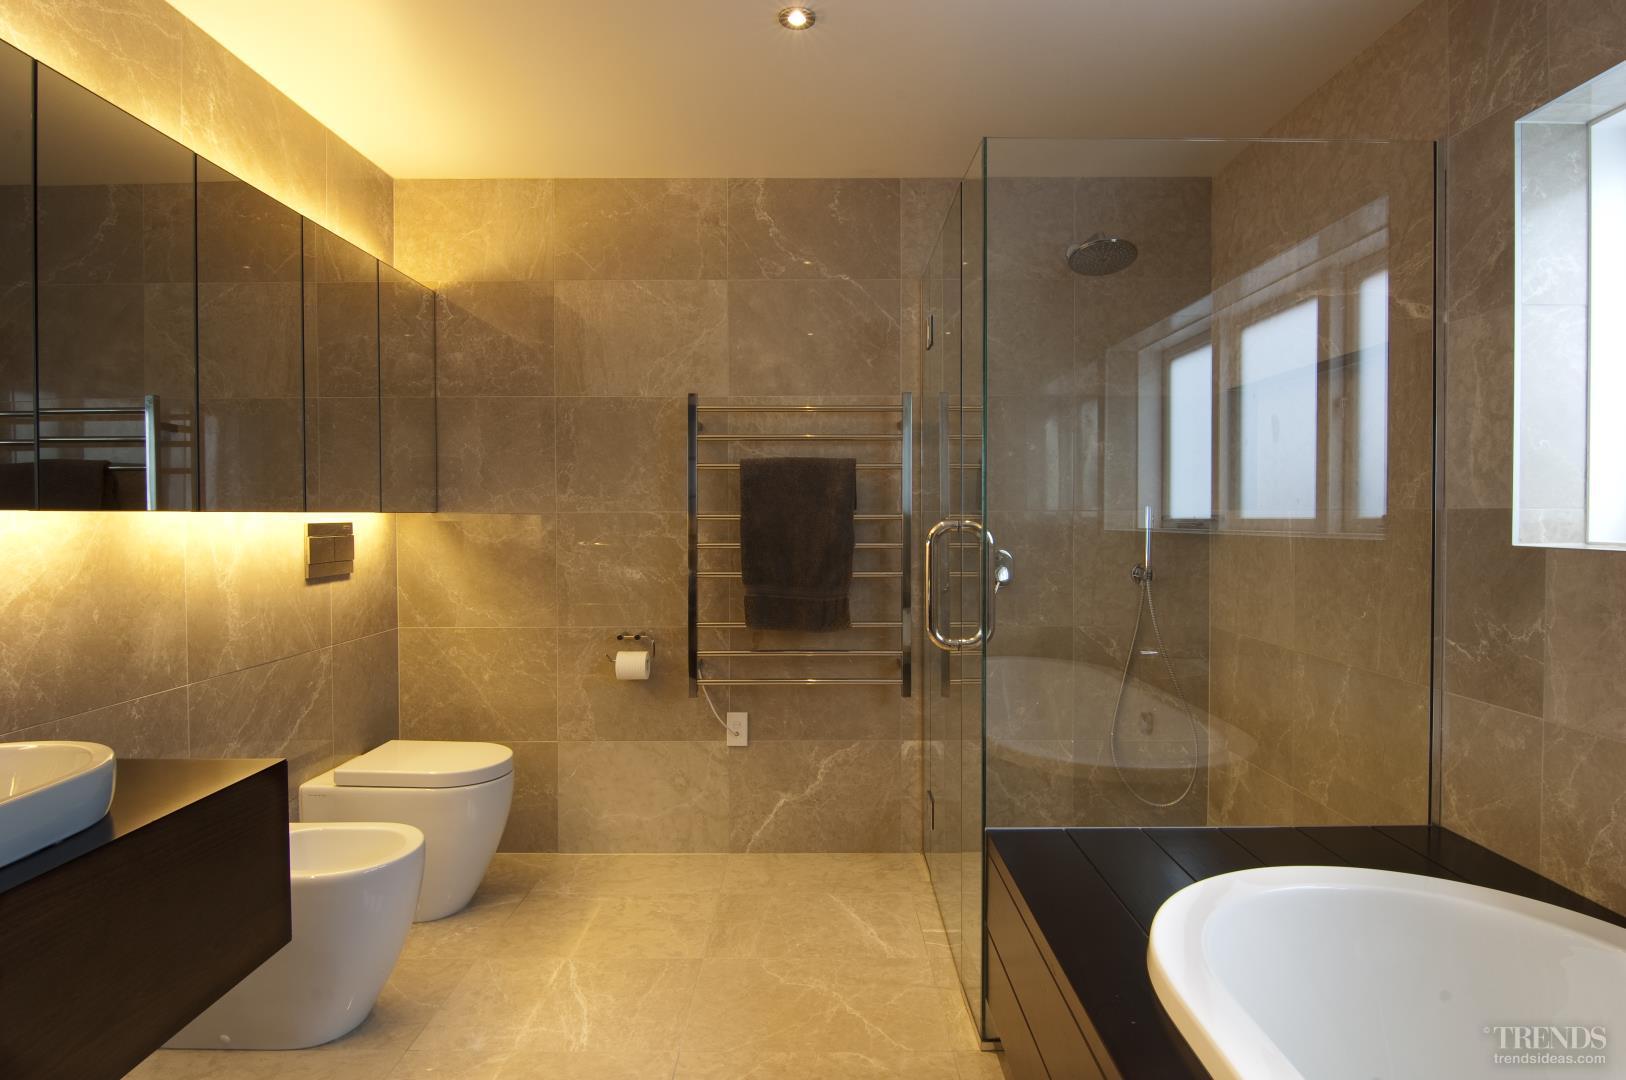 Spa Like Bathroom Remodel By Craig Fafeita